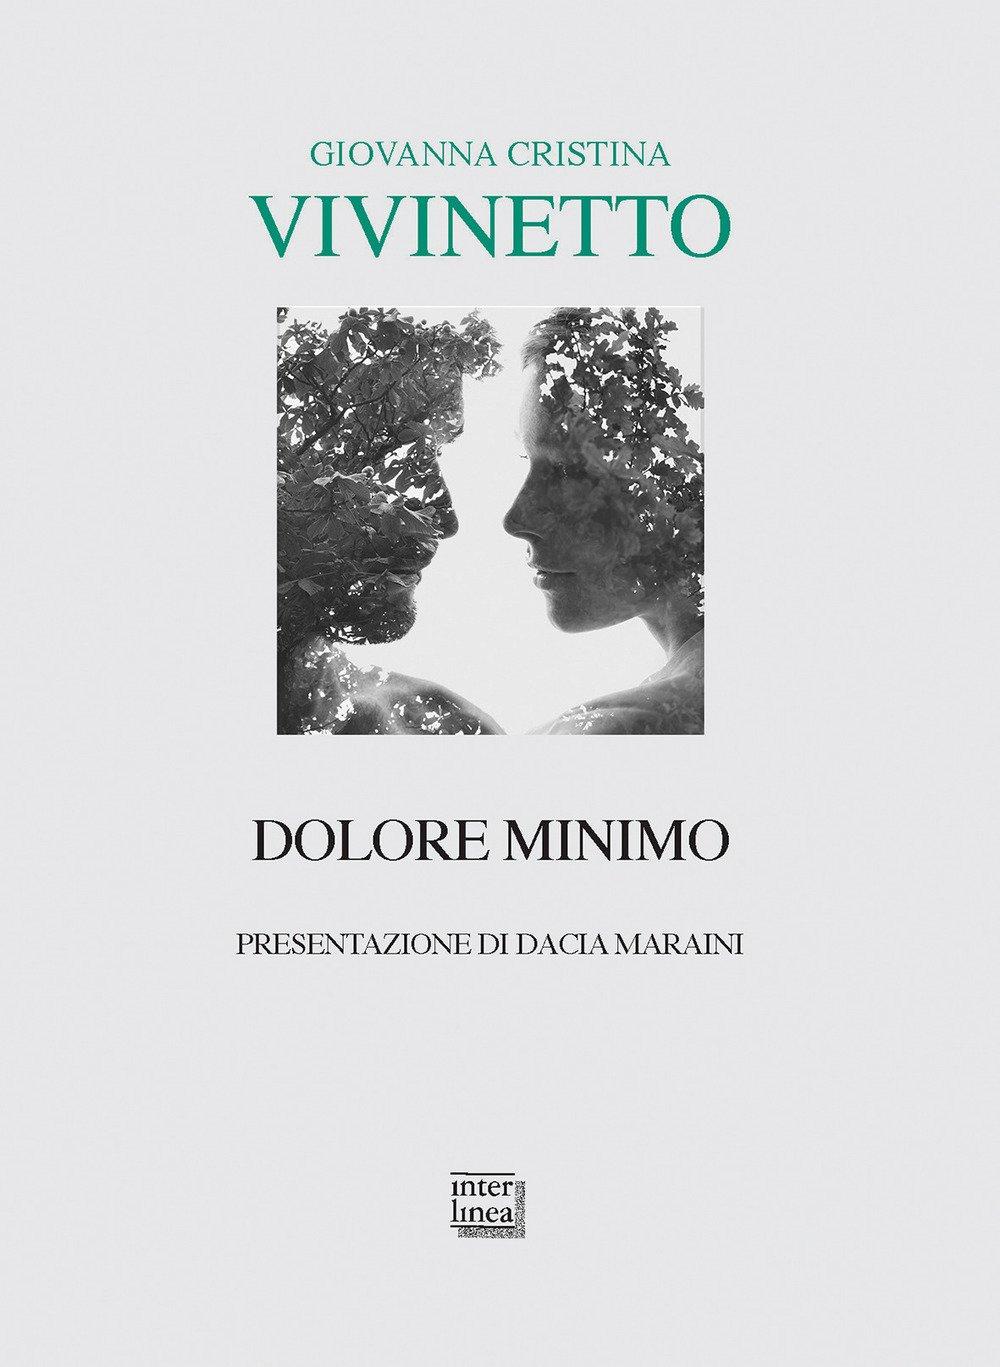 Dolore minimo - Giovanna Cristina Vivinetto